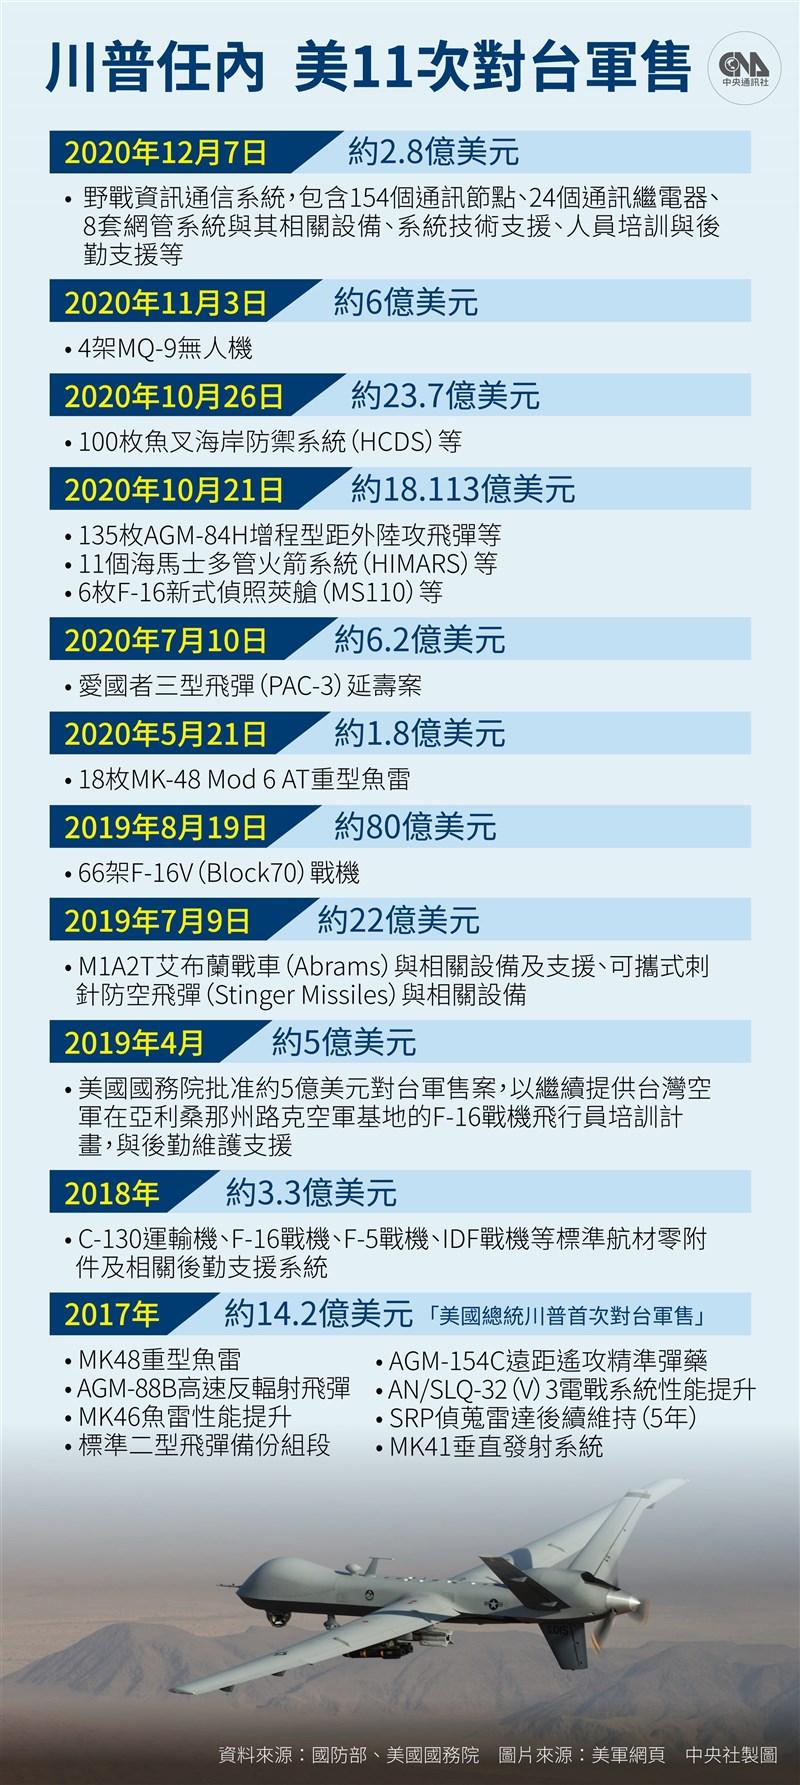 美國國防部12月7日宣布對台軍售案,出售台灣總額2.8億美元戰地訊息通訊系統(FICS)。(中央社製圖)